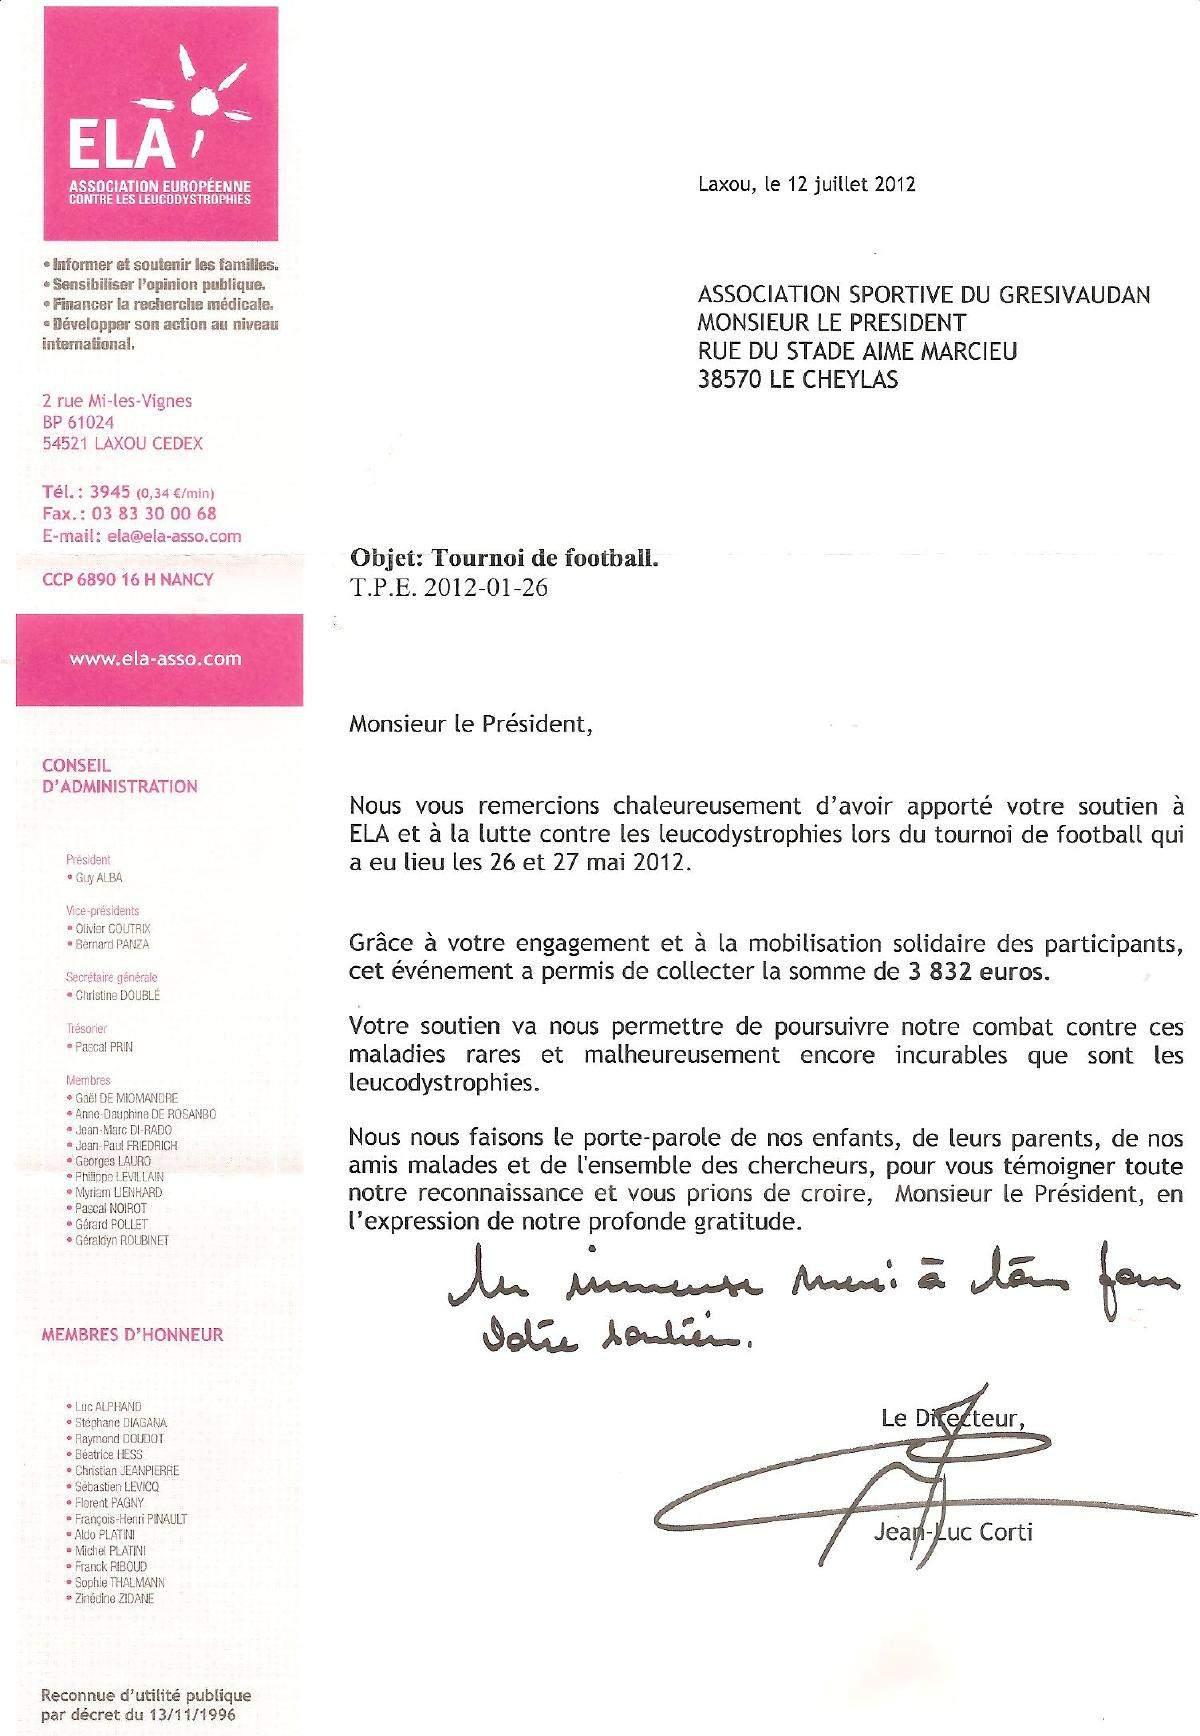 Actualité   LETTRE DE REMERCIEMENT DE L'ASSOCIATION ELA   club